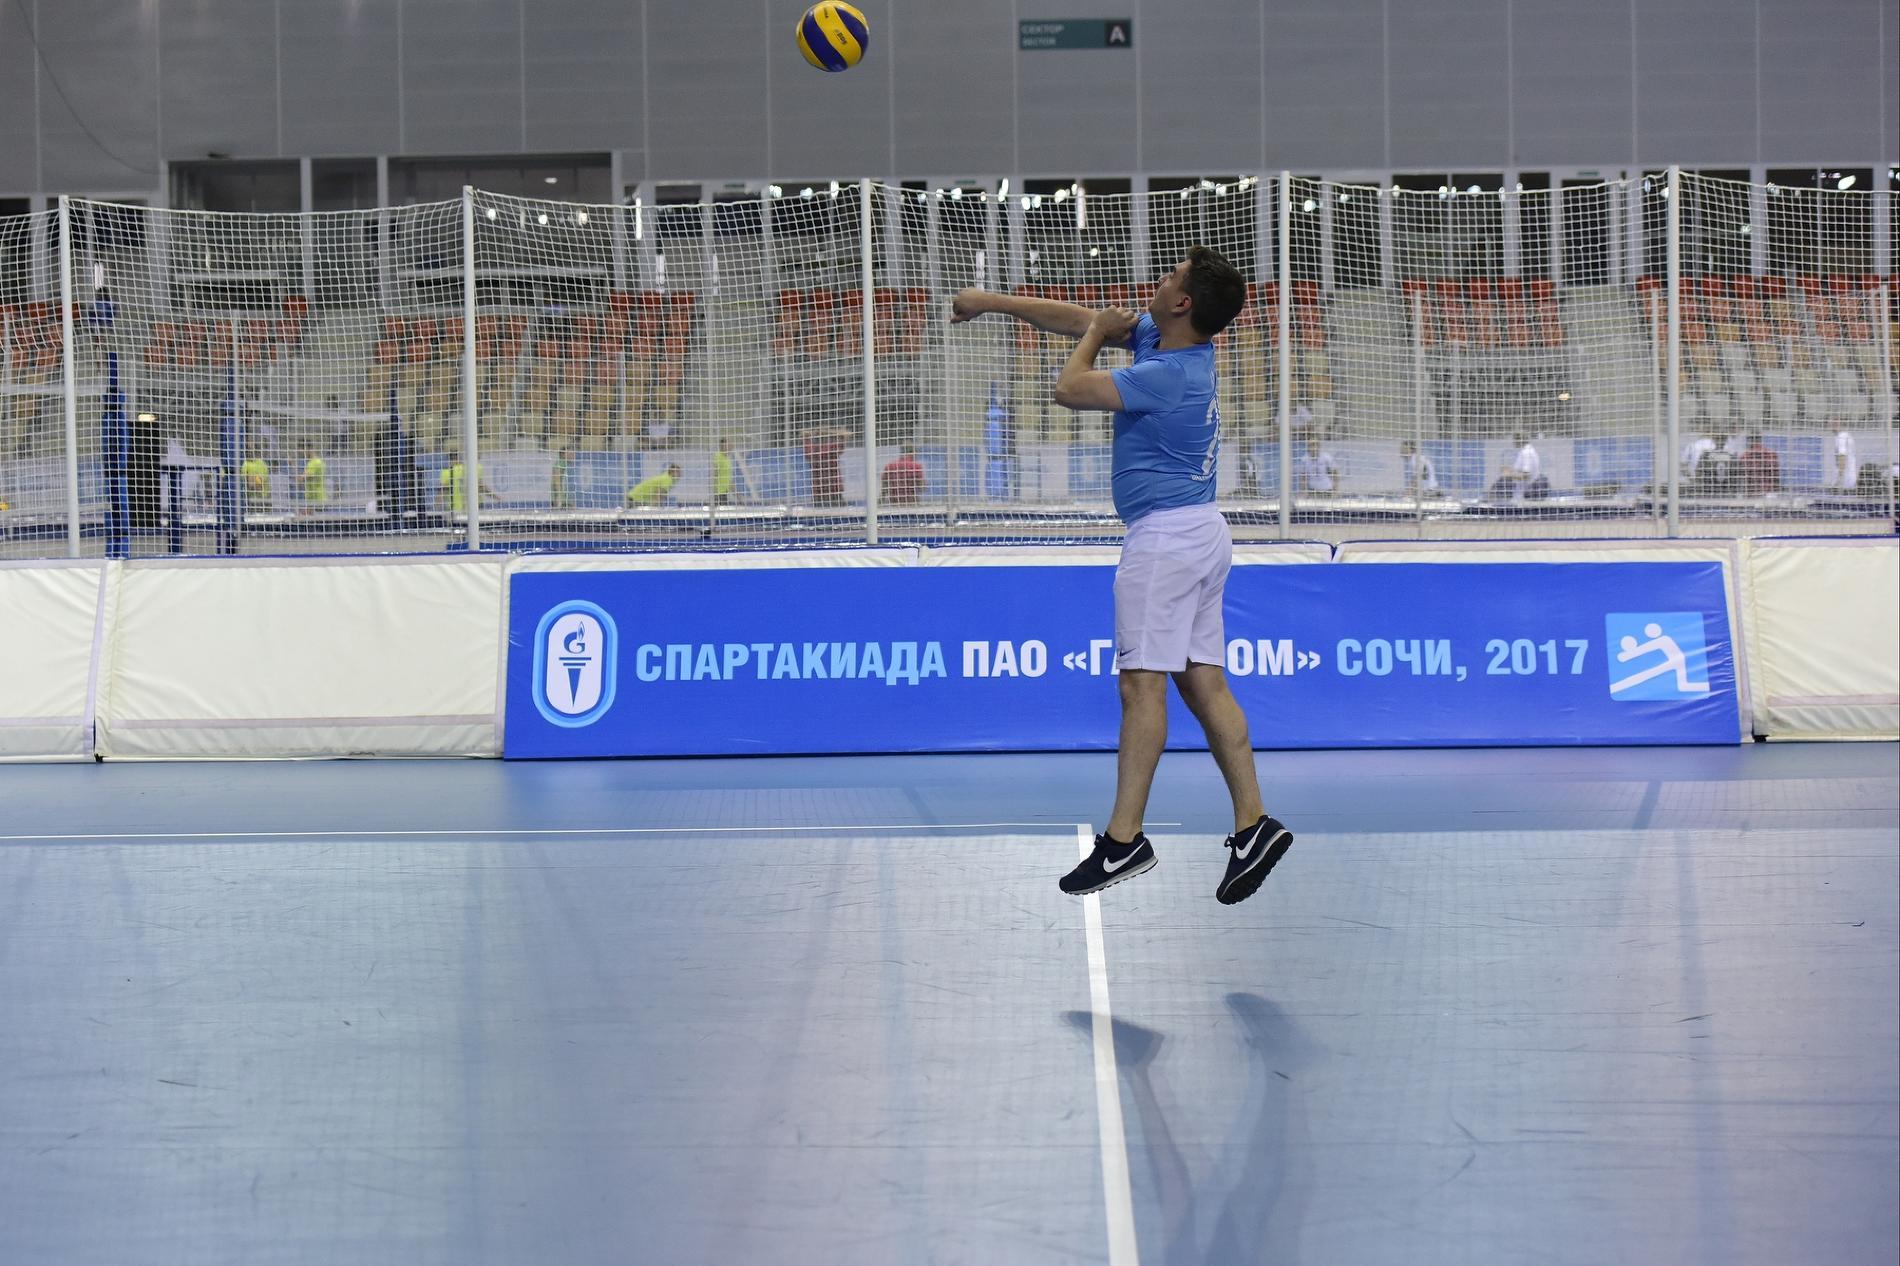 Волейбольные поединки на Спартакиаде «Газпрома» ©Фото Елены Синеок, Юга.ру